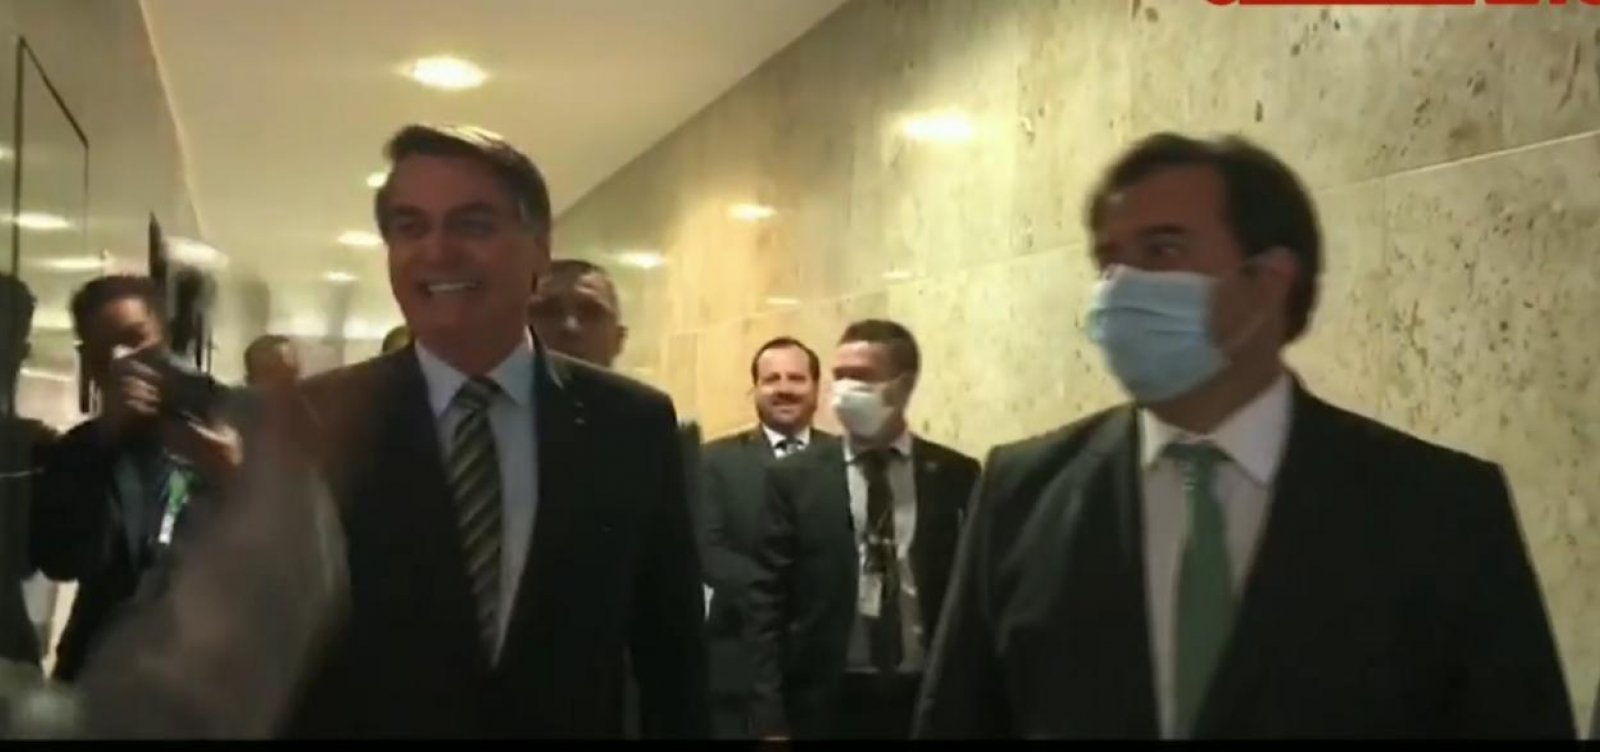 [Após criticar Maia, Bolsonaro se reúne com deputado e diz que voltaram a 'namorar']